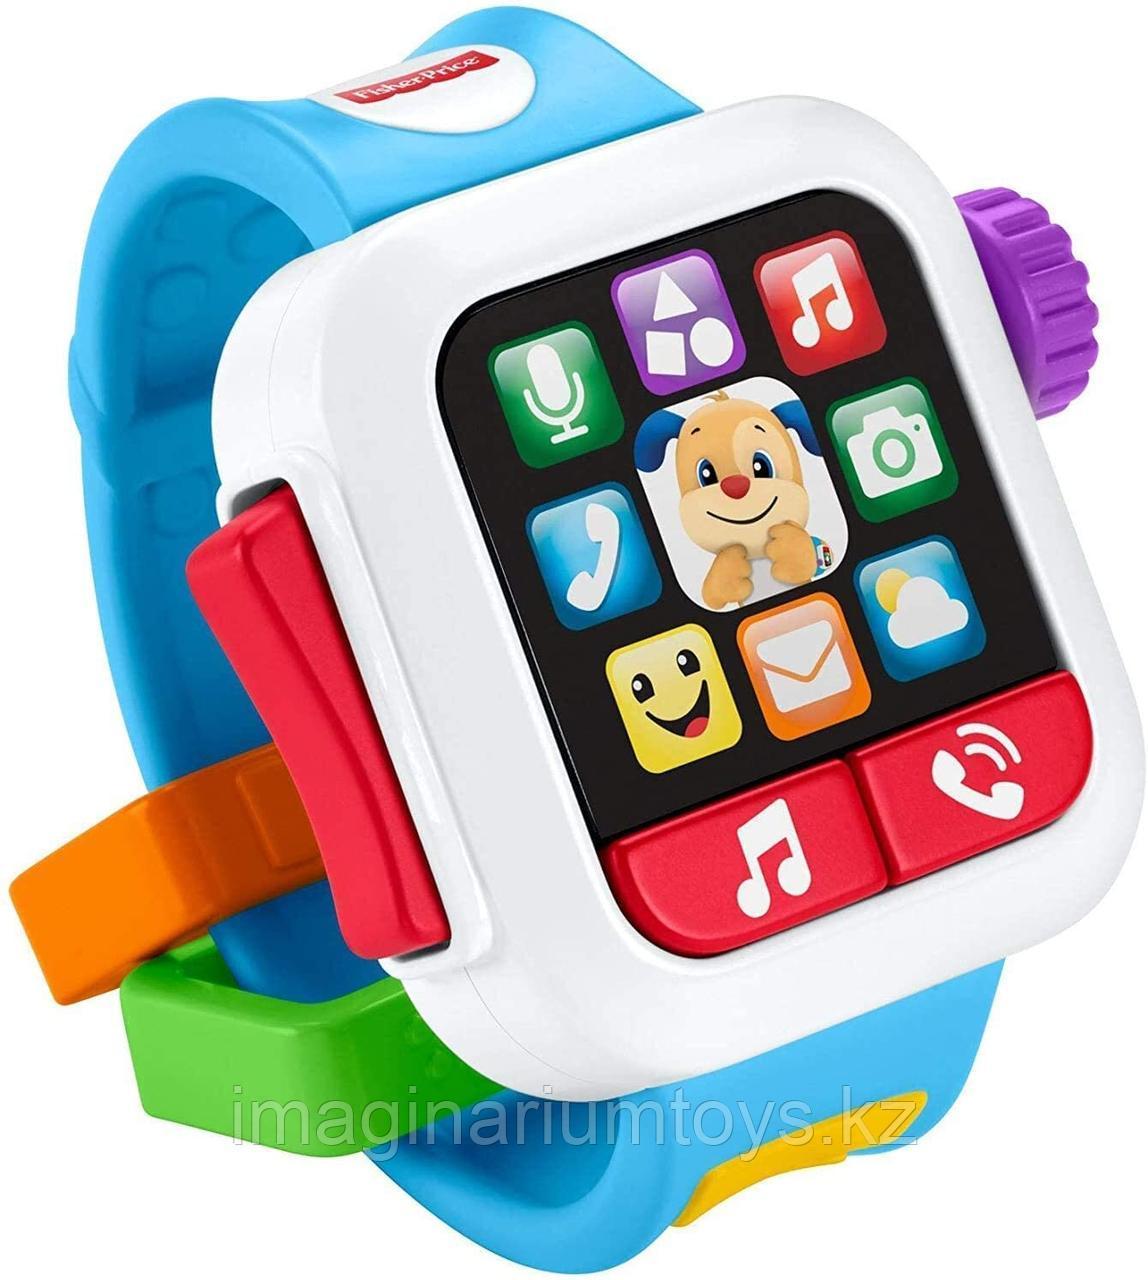 Развивающая интерактивная игрушка для малышей «Часы» Fisher-Price